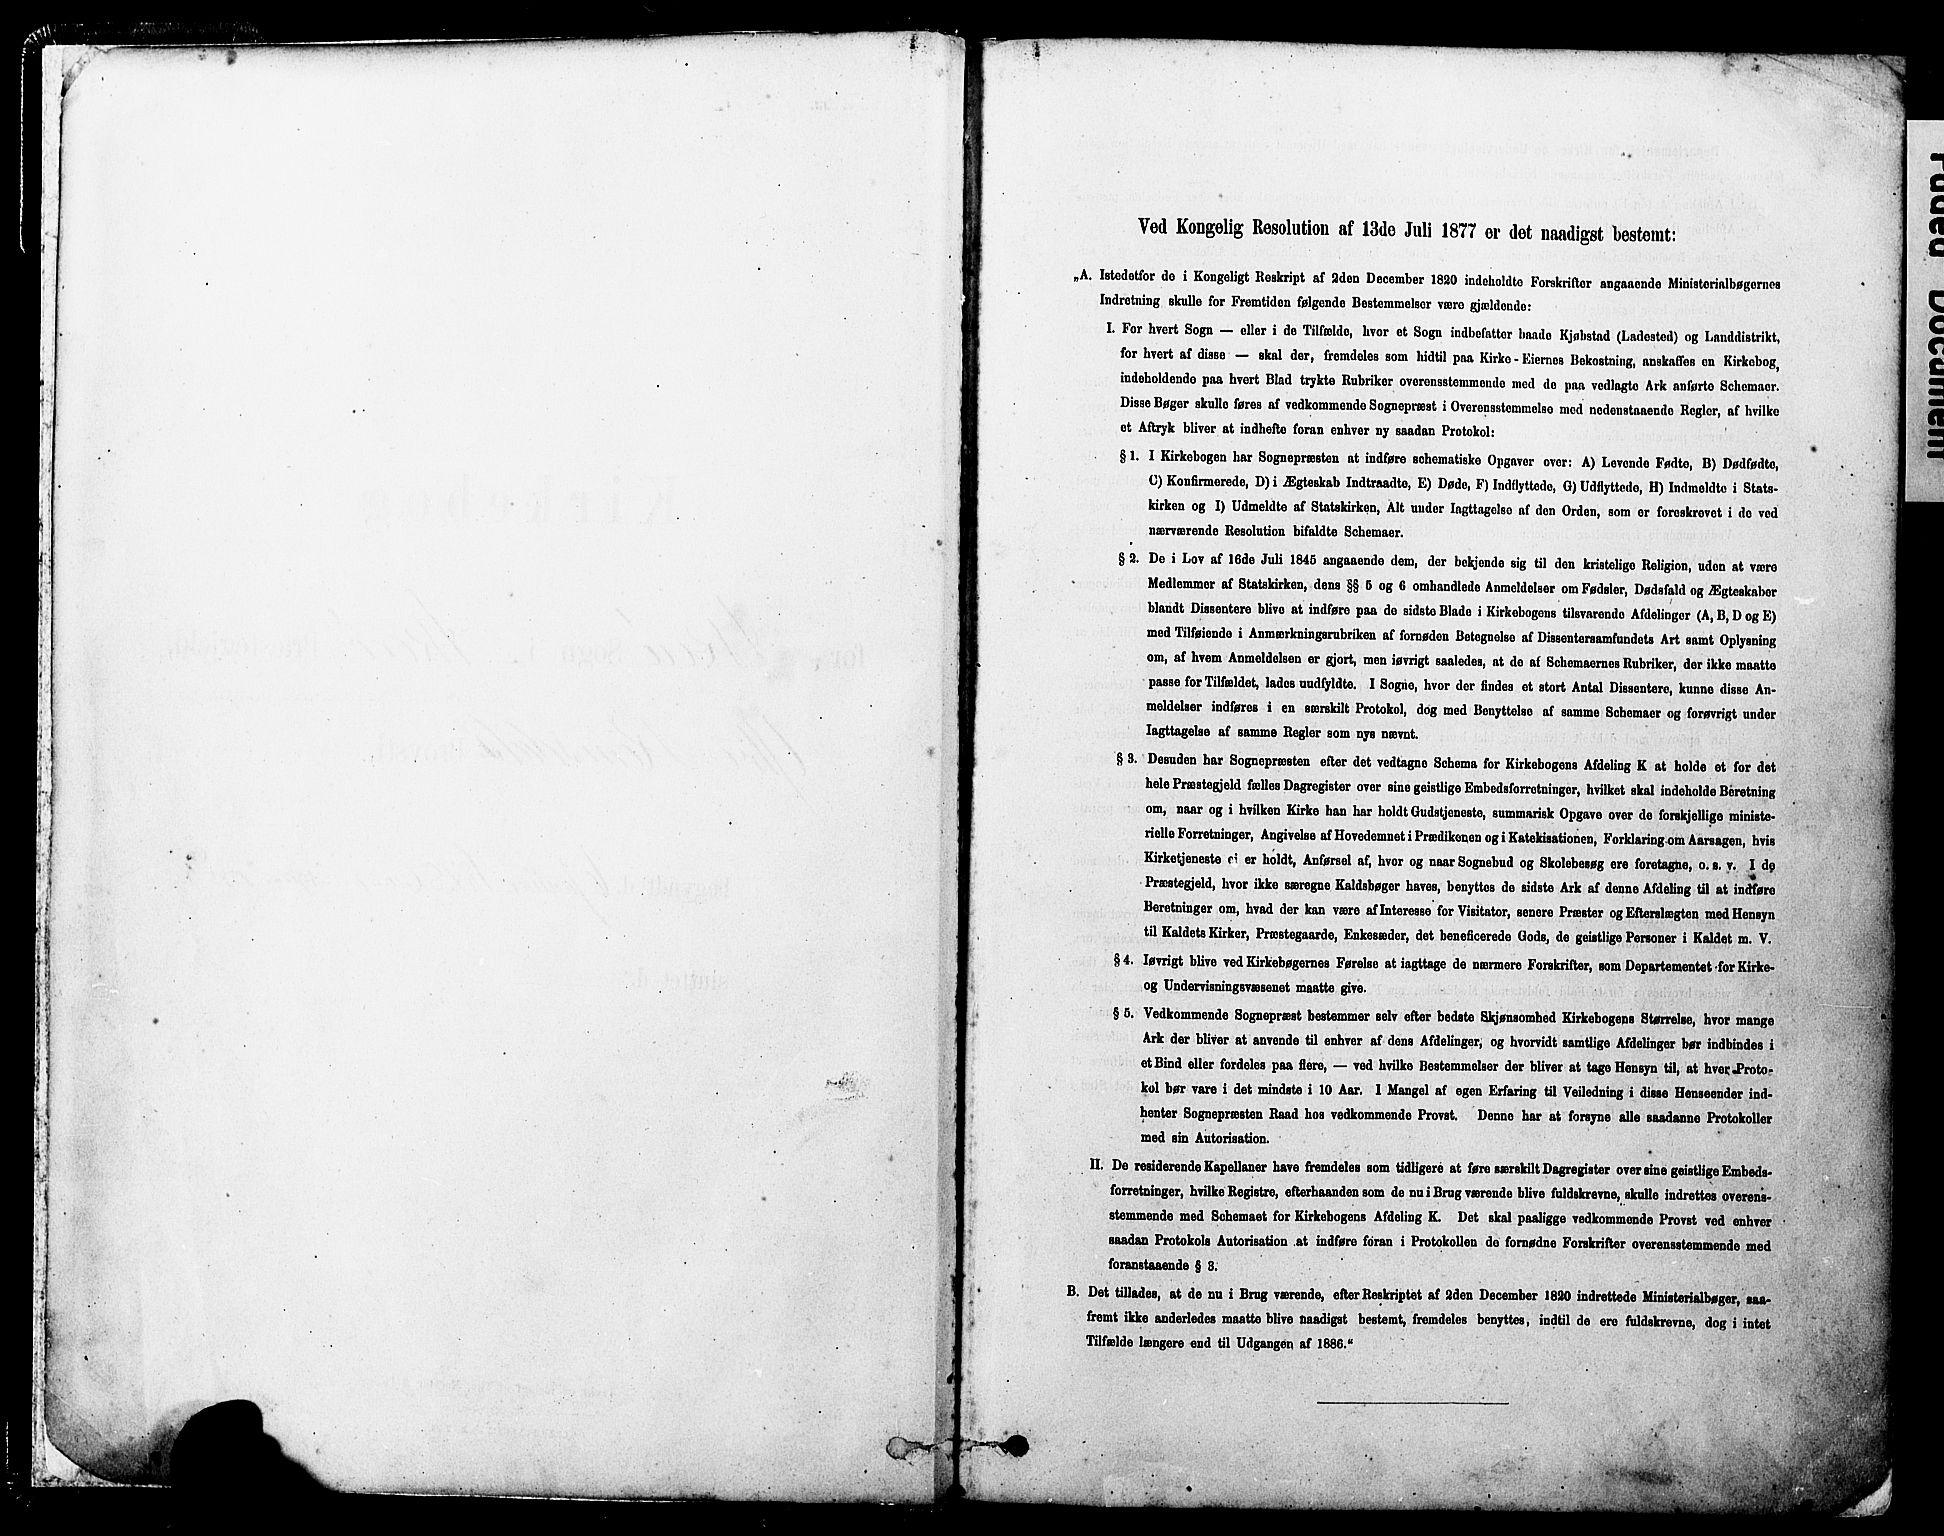 SAT, Ministerialprotokoller, klokkerbøker og fødselsregistre - Møre og Romsdal, 560/L0721: Ministerialbok nr. 560A05, 1878-1917